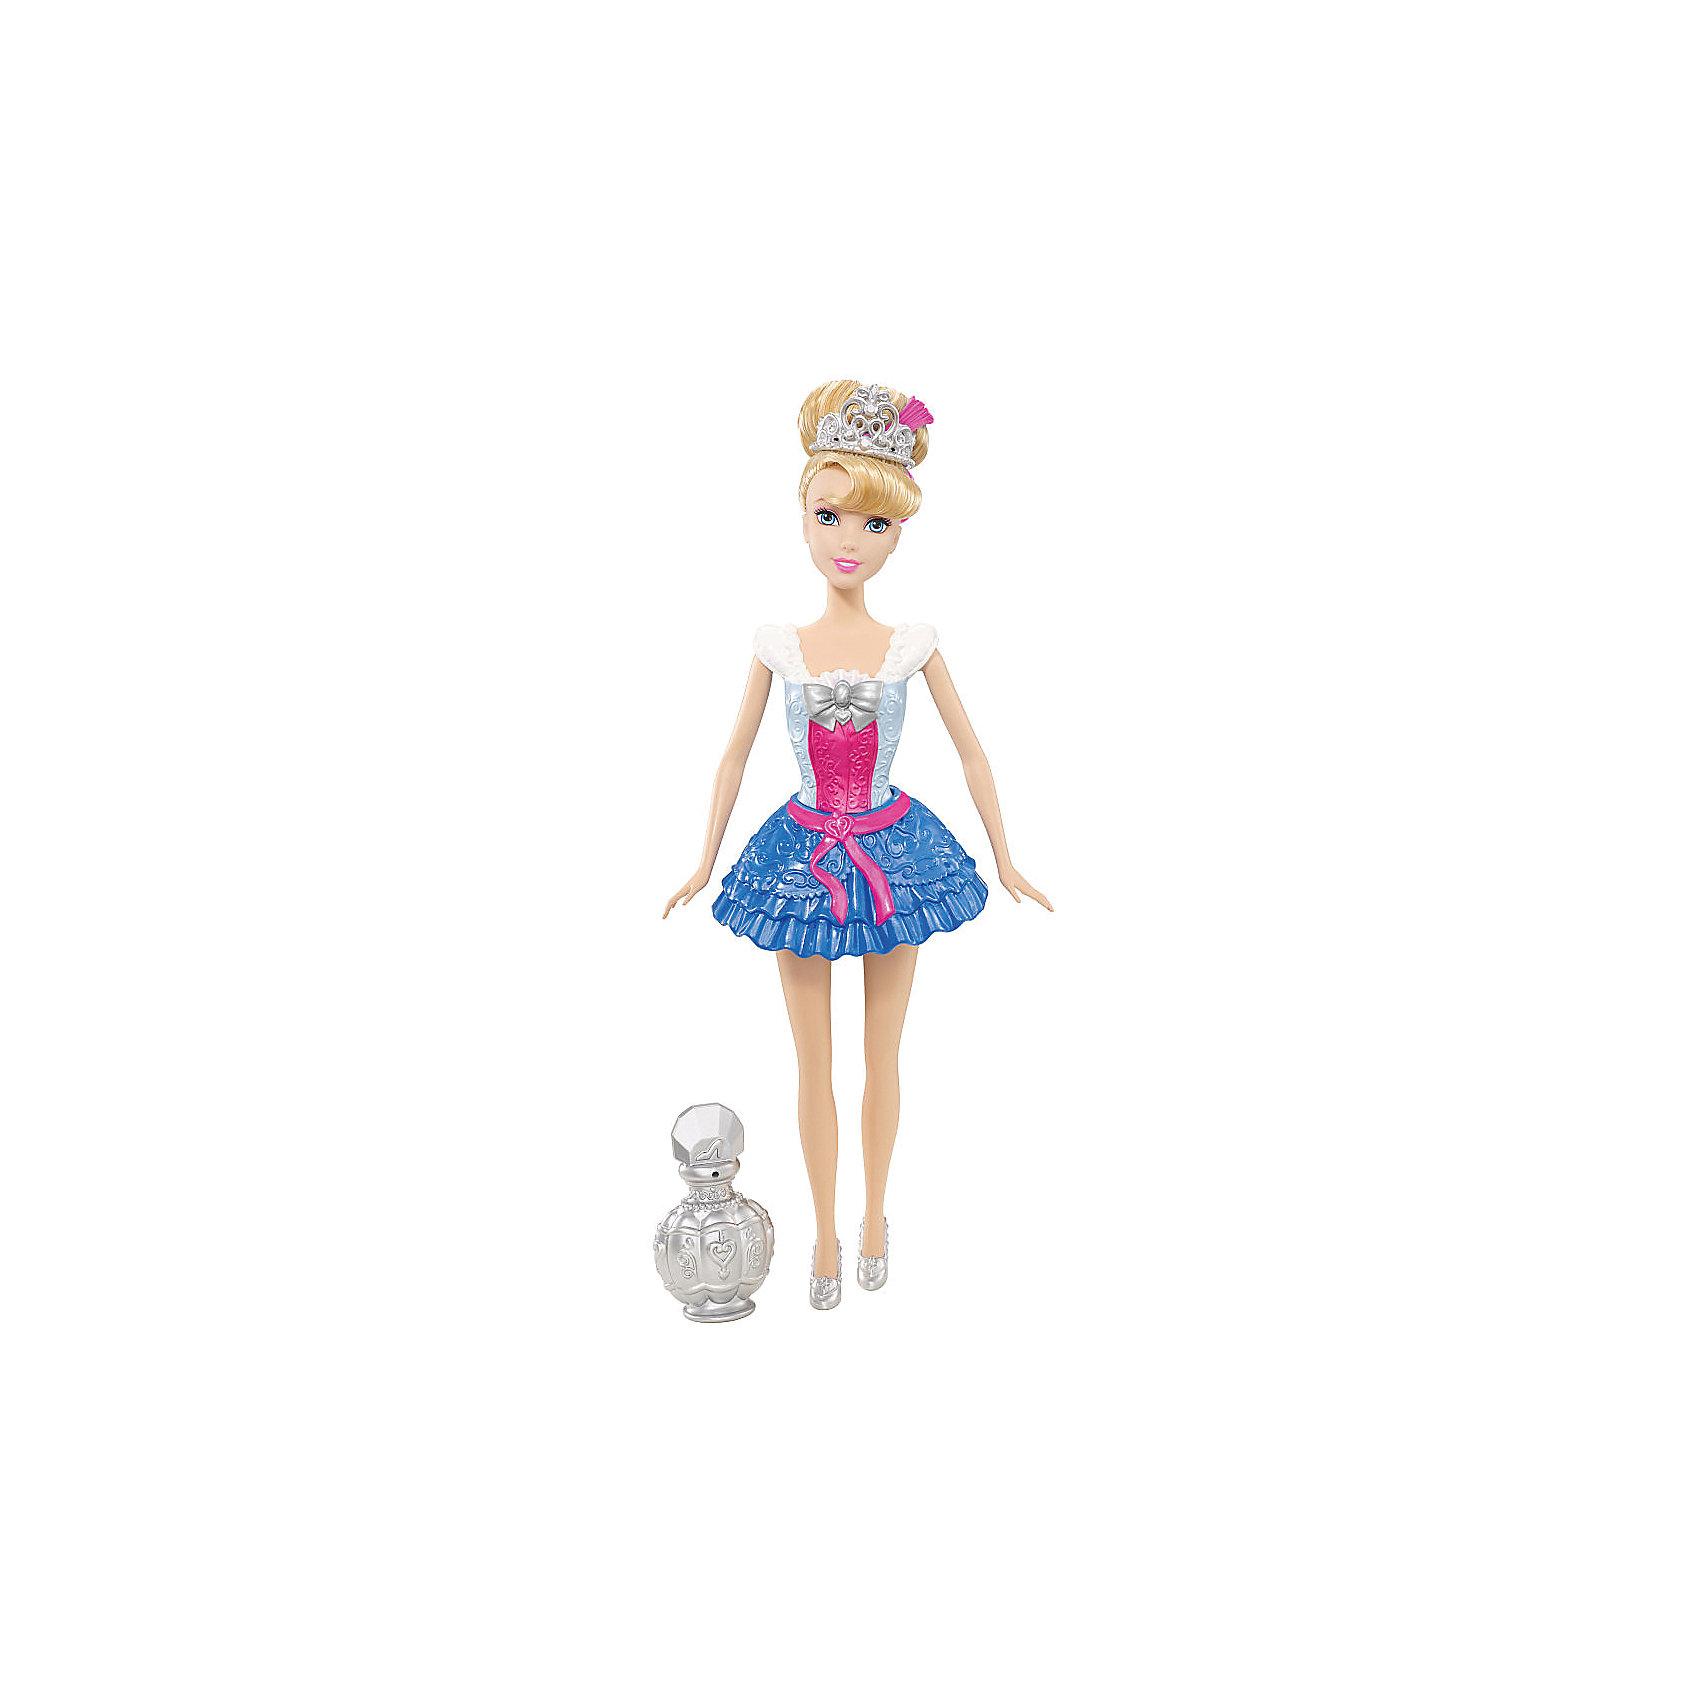 Кукла Золушка, Принцессы ДиснейКукла Золушка, Принцессы Дисней<br><br>Характеристики куклы Mattel:<br><br>• высота Золушки: 28 см;<br>• особенности куклы: игрушка для ванны;<br>• подвижные конечности куклы: руки и ноги поднимаются и опускаются;<br>• обратите внимание: руки не сгибаются в локтях, а ноги не сгибаются в коленях;<br>• специальный спрей во флаконе изменяет цвет платья красавицы и цвет ее волос;<br>• размер упаковки: 32х15х6 см;<br>• вес: 300 г.<br><br>Изящная Золушка в коротеньком платьице любит менять наряды. Ваша девочка с удовольствием поможет кукле «переодеться». Входящий в комплект флакончик со спреем позволяет изменить цвет платья и волос красавицы. <br><br>Куклу Золушку, Принцессы Дисней можно купить в нашем интернет-магазине.<br><br>Ширина мм: 150<br>Глубина мм: 60<br>Высота мм: 320<br>Вес г: 301<br>Возраст от месяцев: 36<br>Возраст до месяцев: 144<br>Пол: Женский<br>Возраст: Детский<br>SKU: 4739604